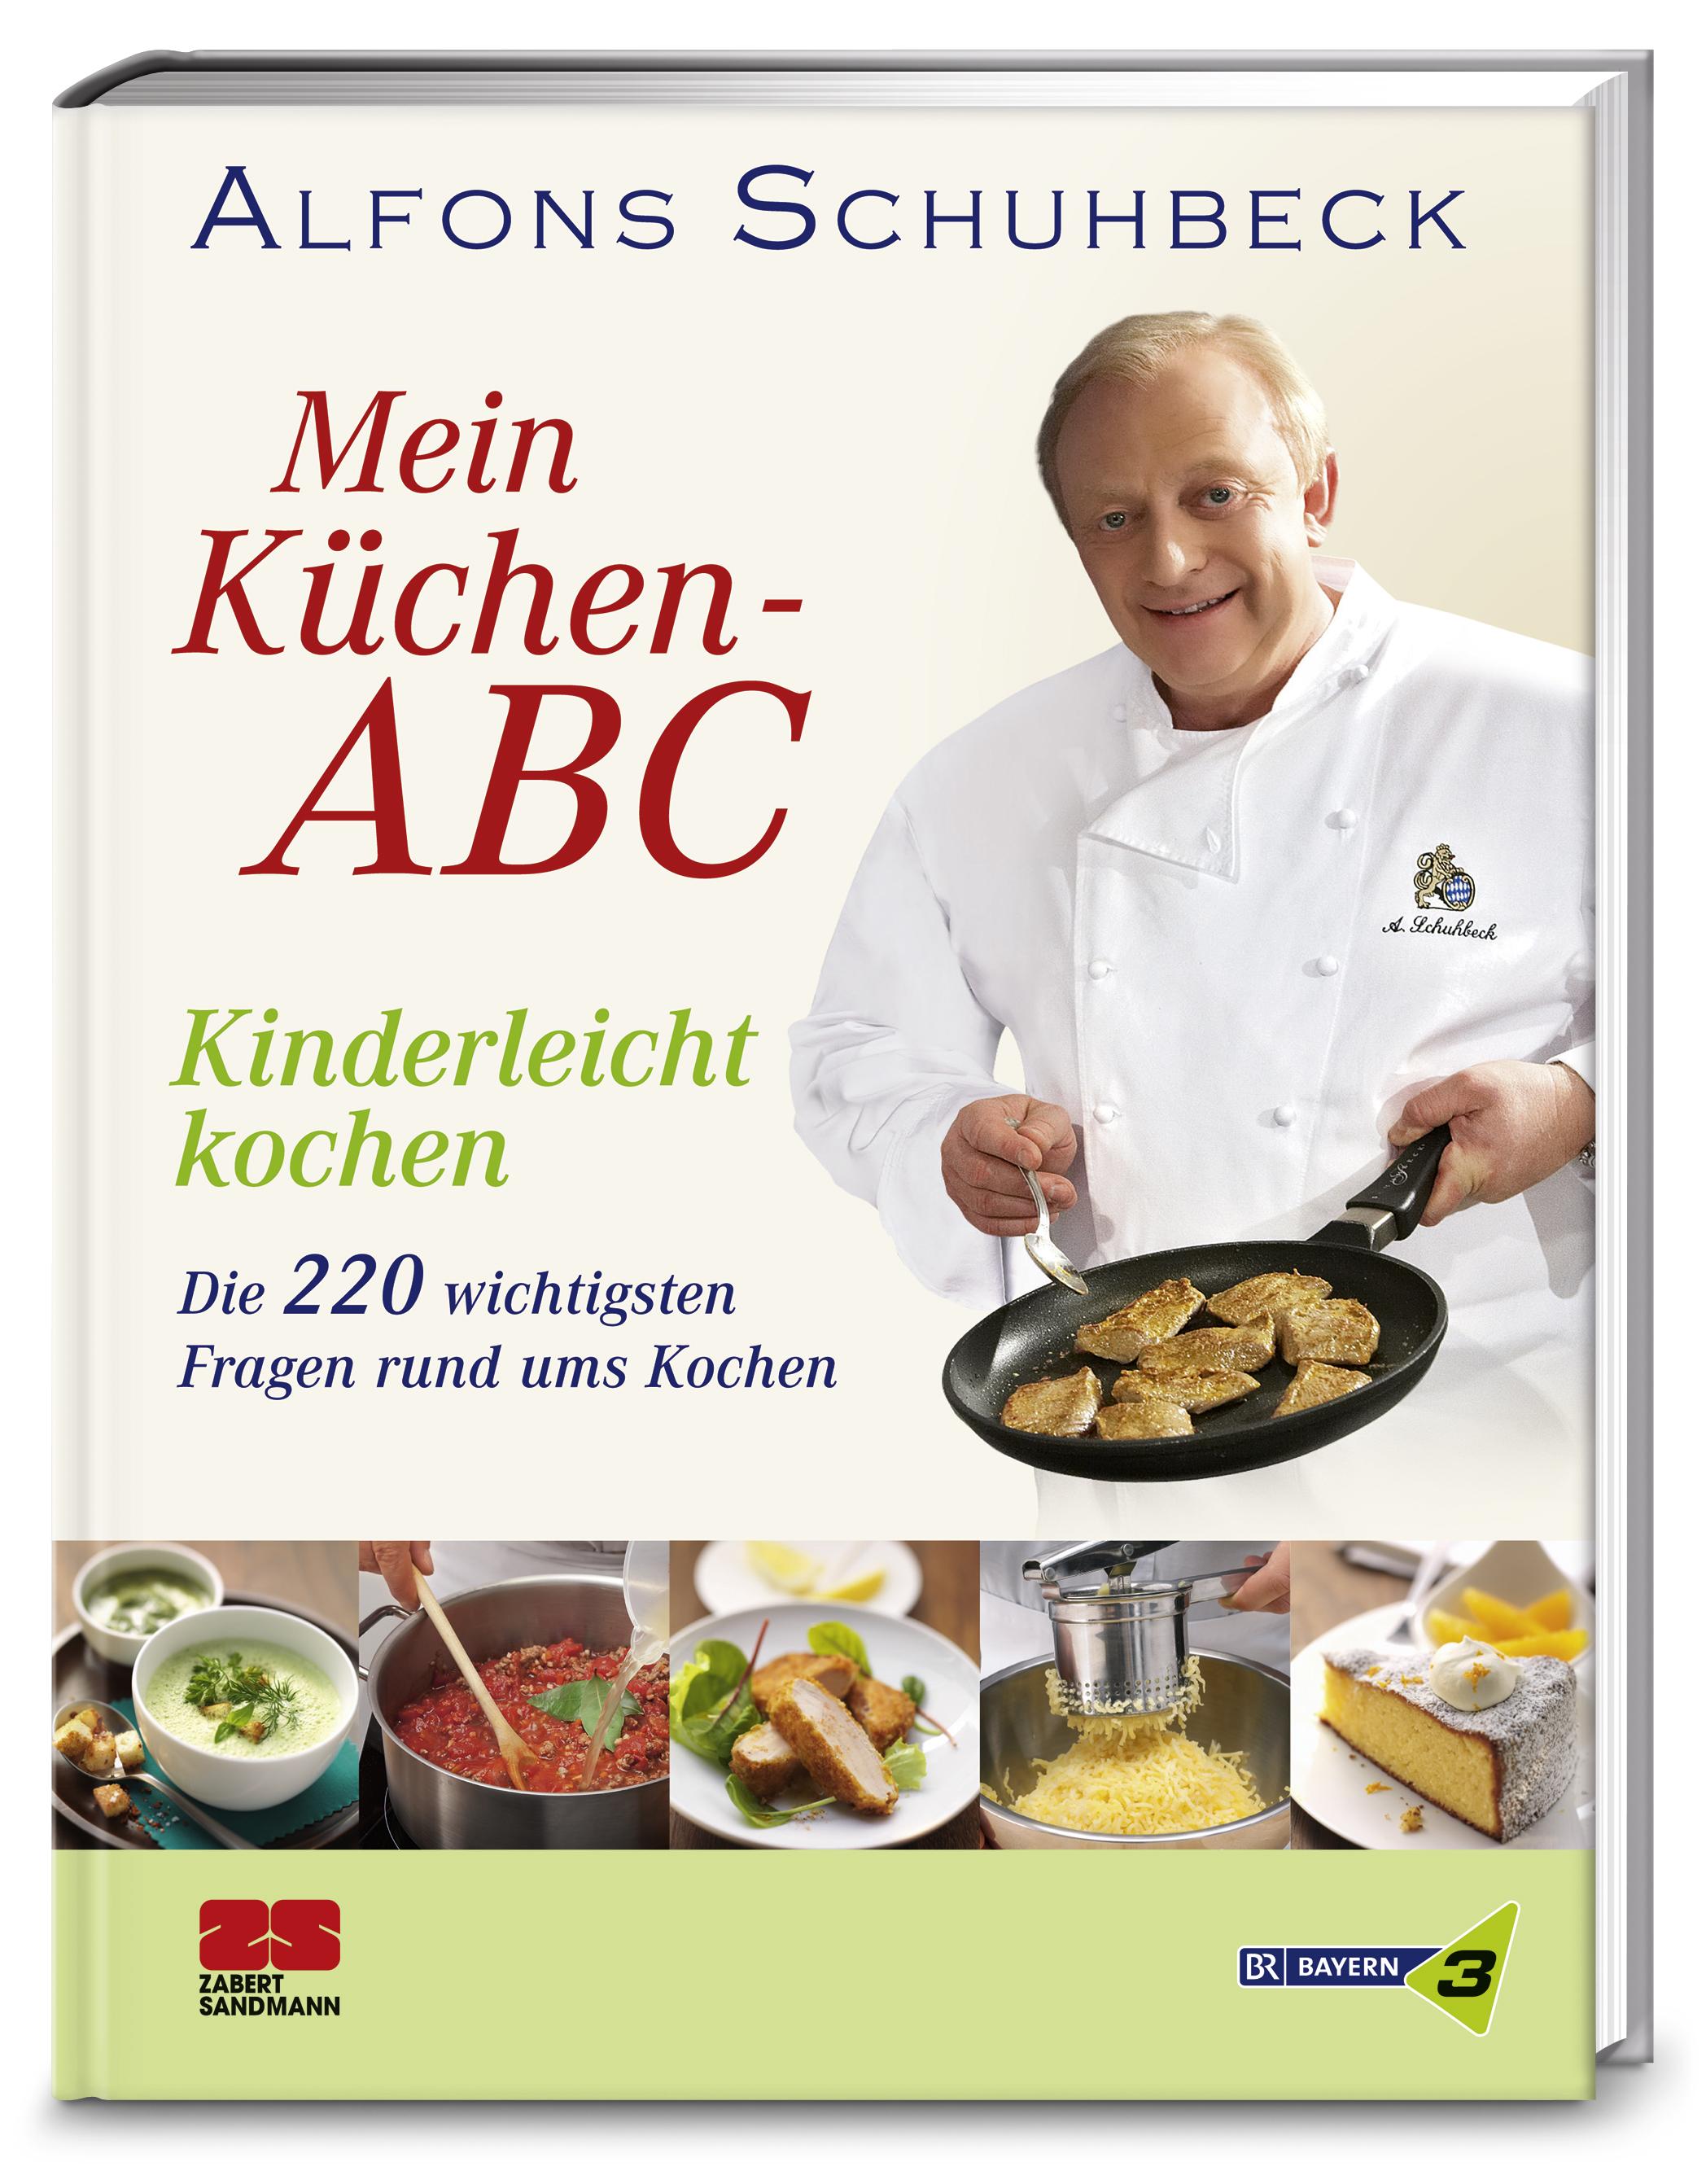 Mein Küchen-ABC - Kinderleicht kochen - Alfons Schuhbeck